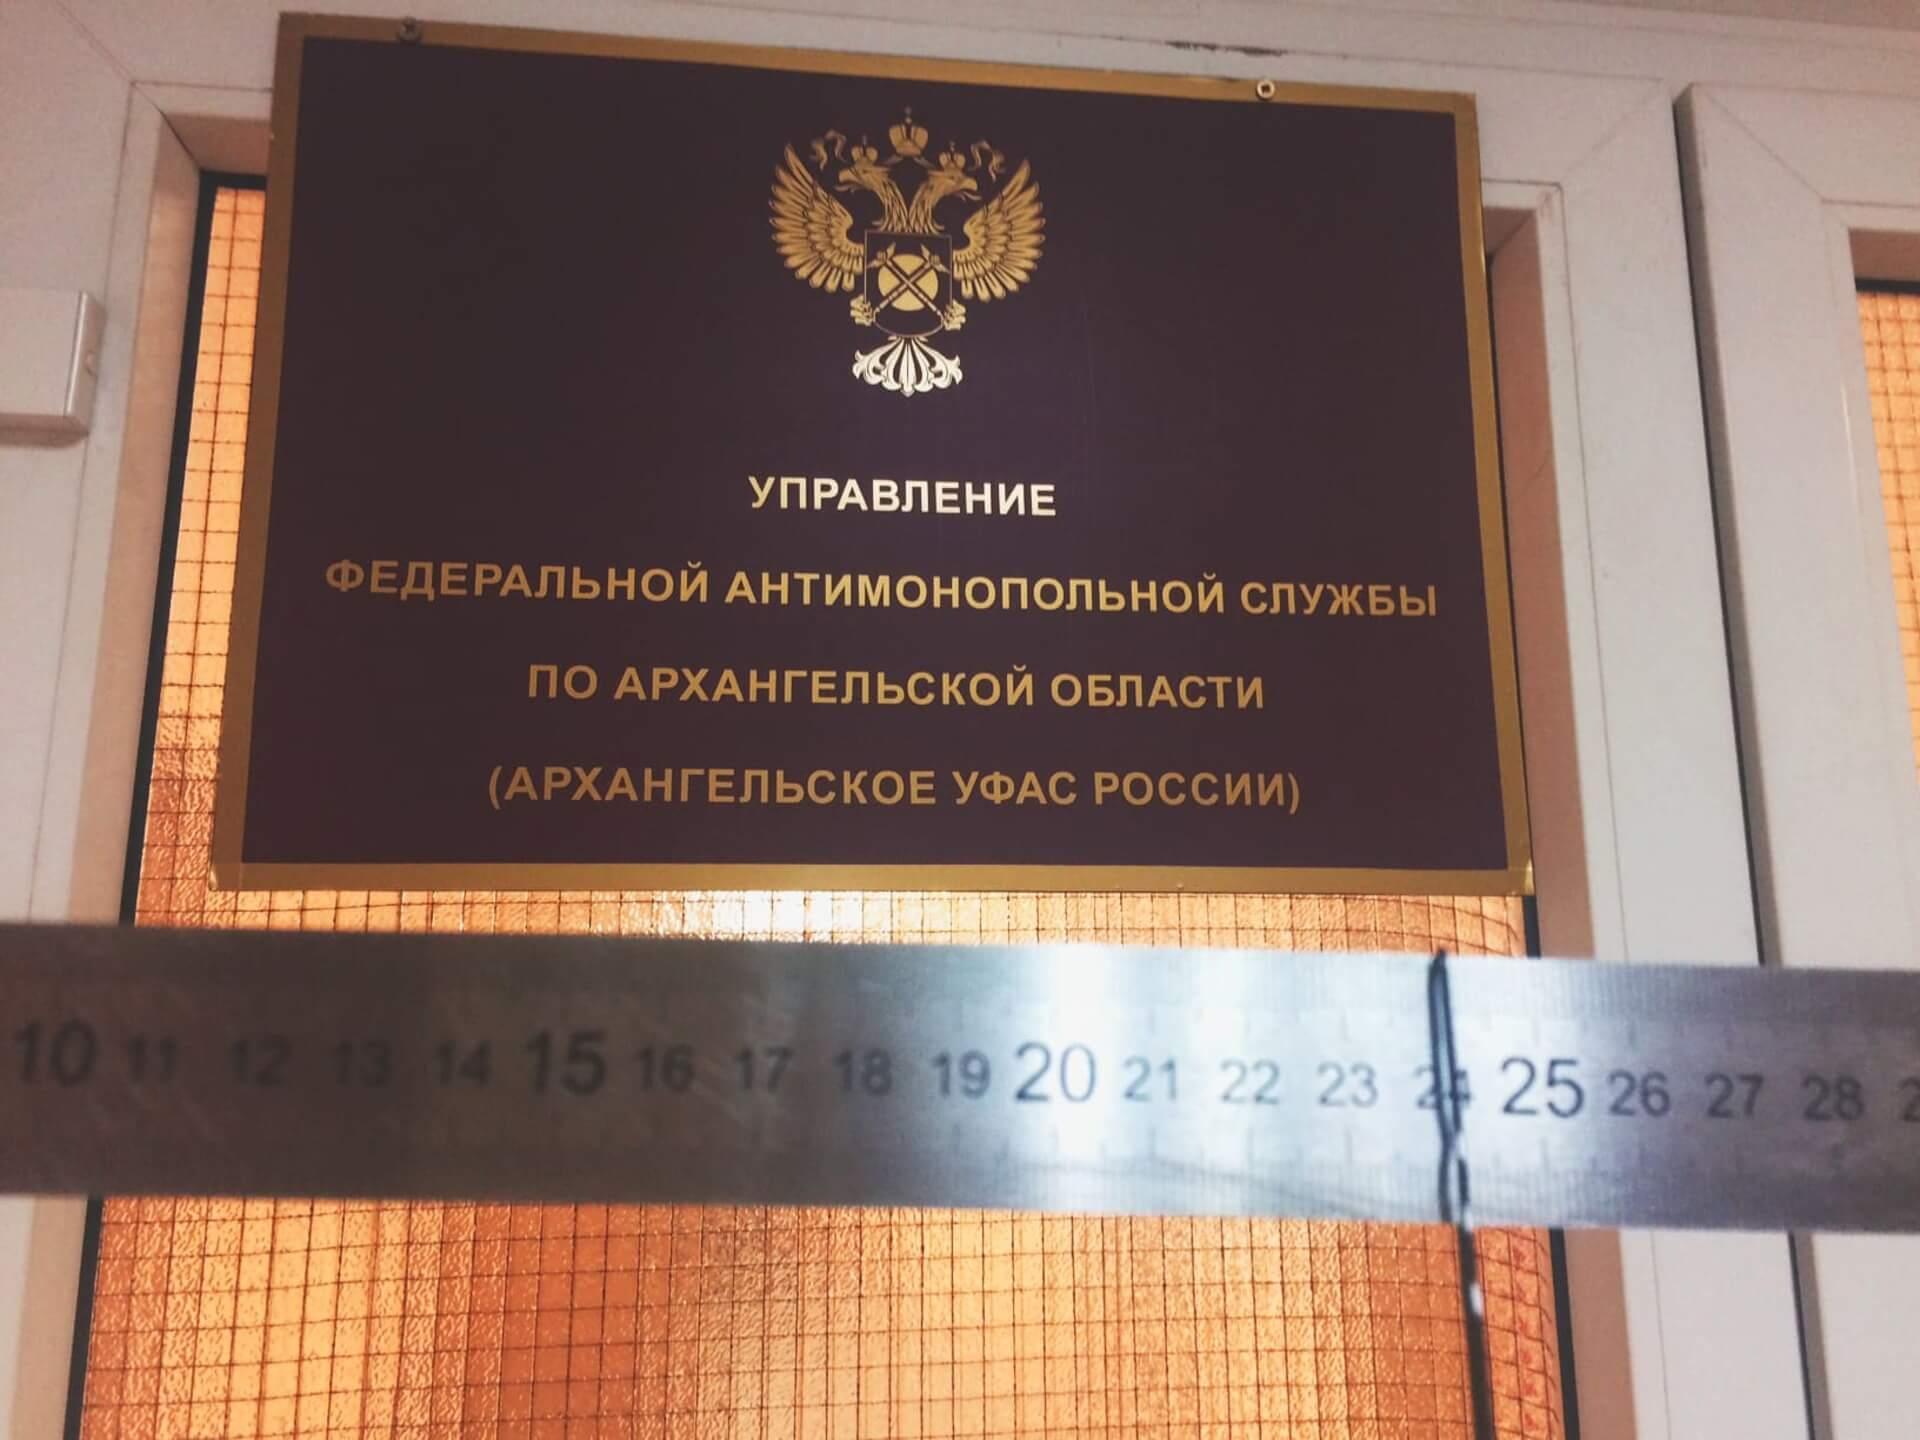 УФАС по Архангельской области считает маленькую грудь физическим недостатком женщины